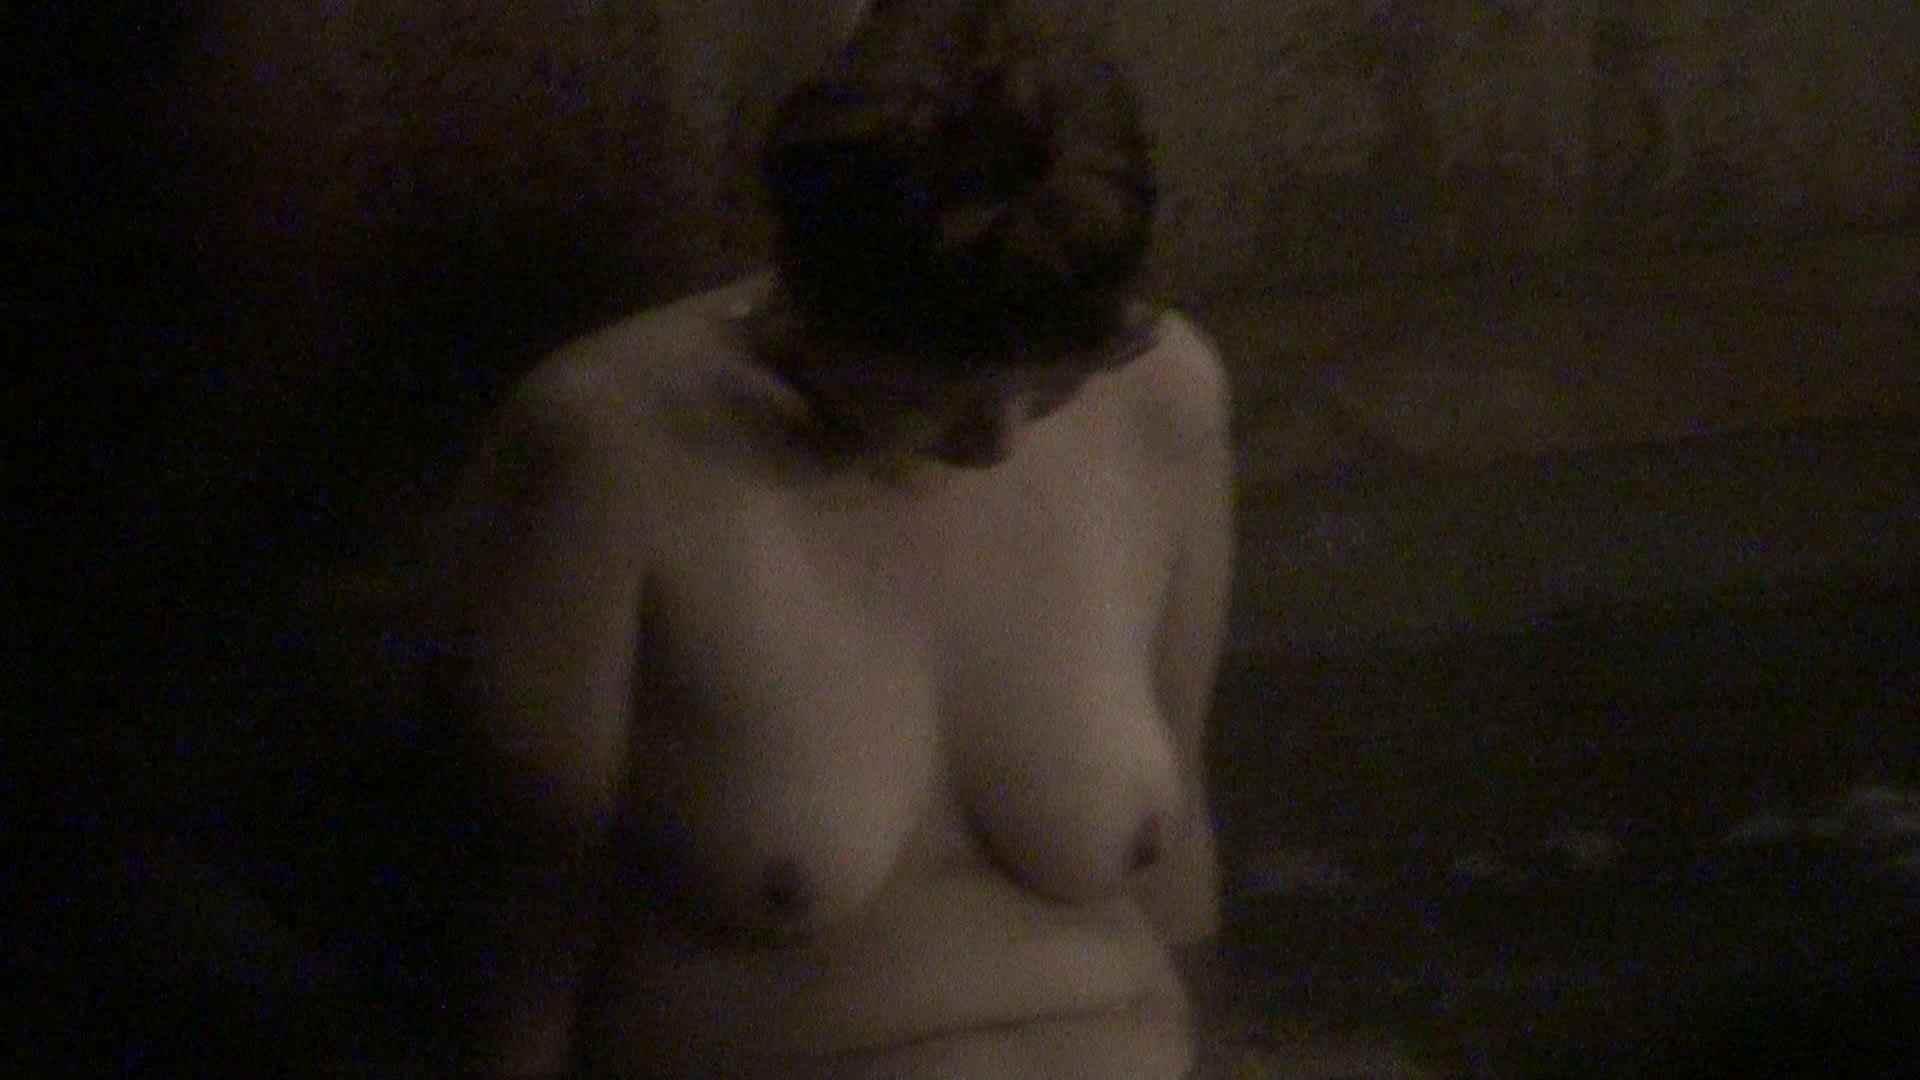 Aquaな露天風呂Vol.377 美しいOLの裸体 盗み撮り動画キャプチャ 105pic 80